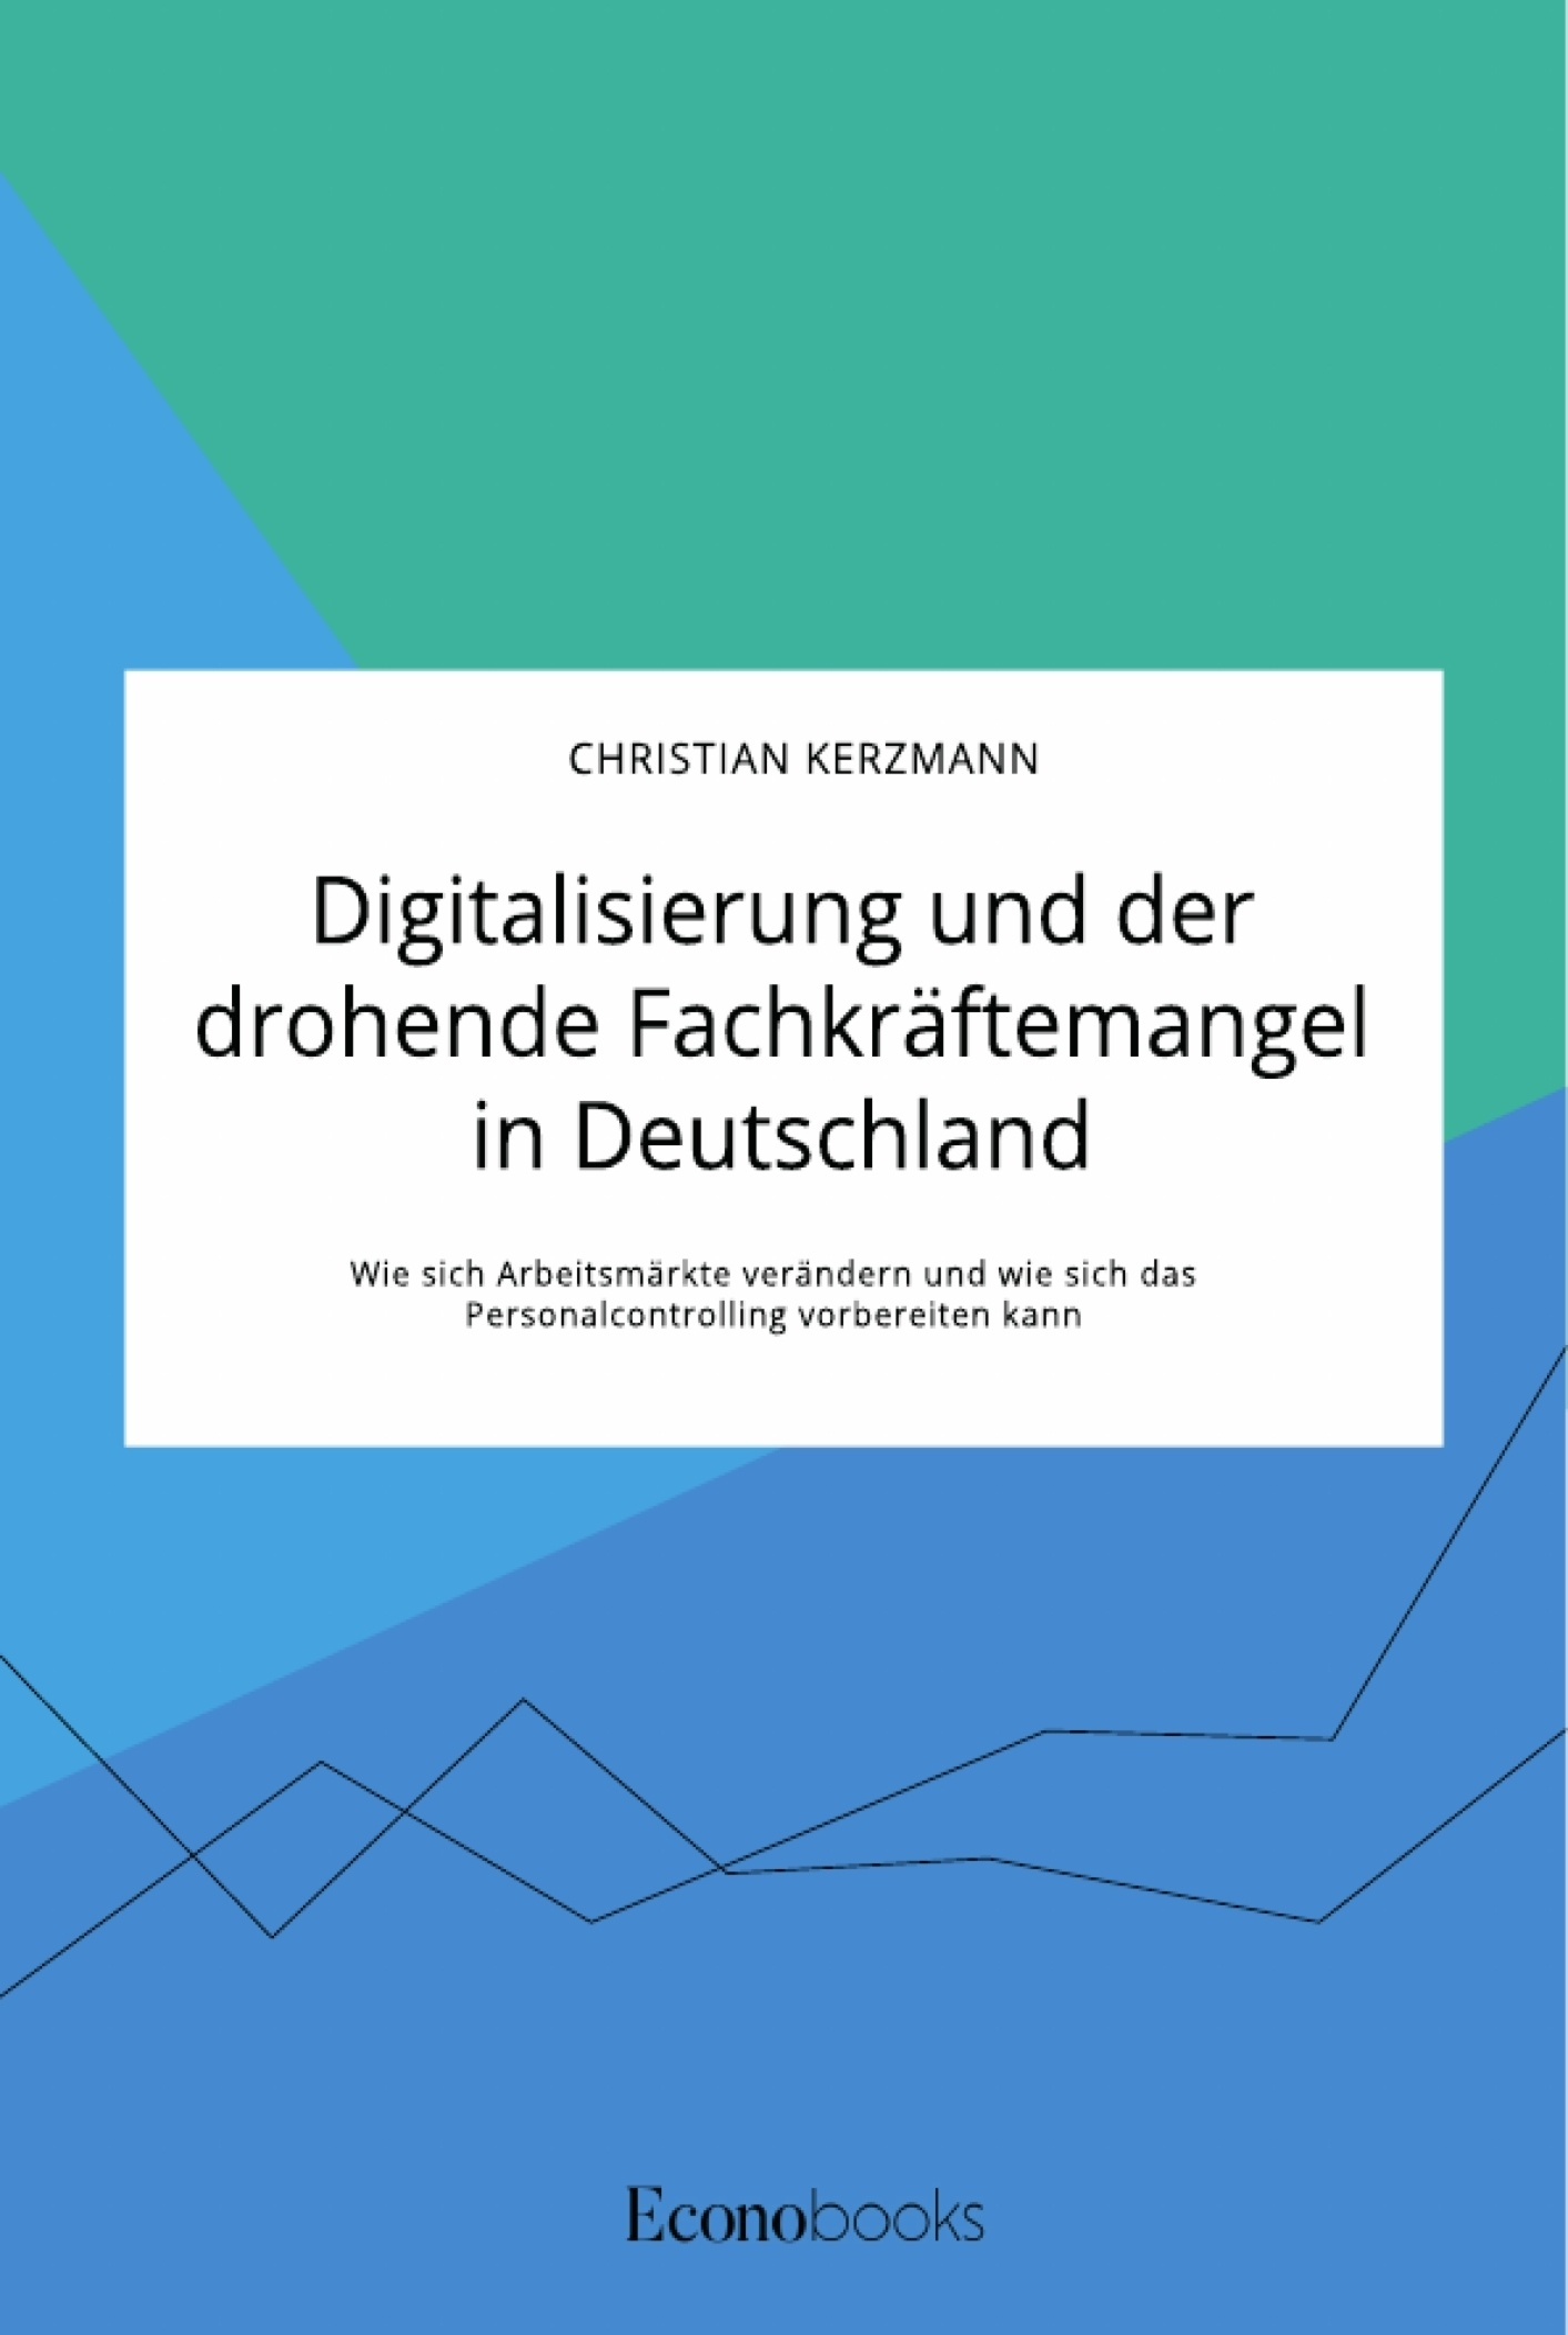 Titel: Digitalisierung und der drohende Fachkräftemangel in Deutschland. Wie sich Arbeitsmärkte verändern und wie sich das Personalcontrolling vorbereiten kann